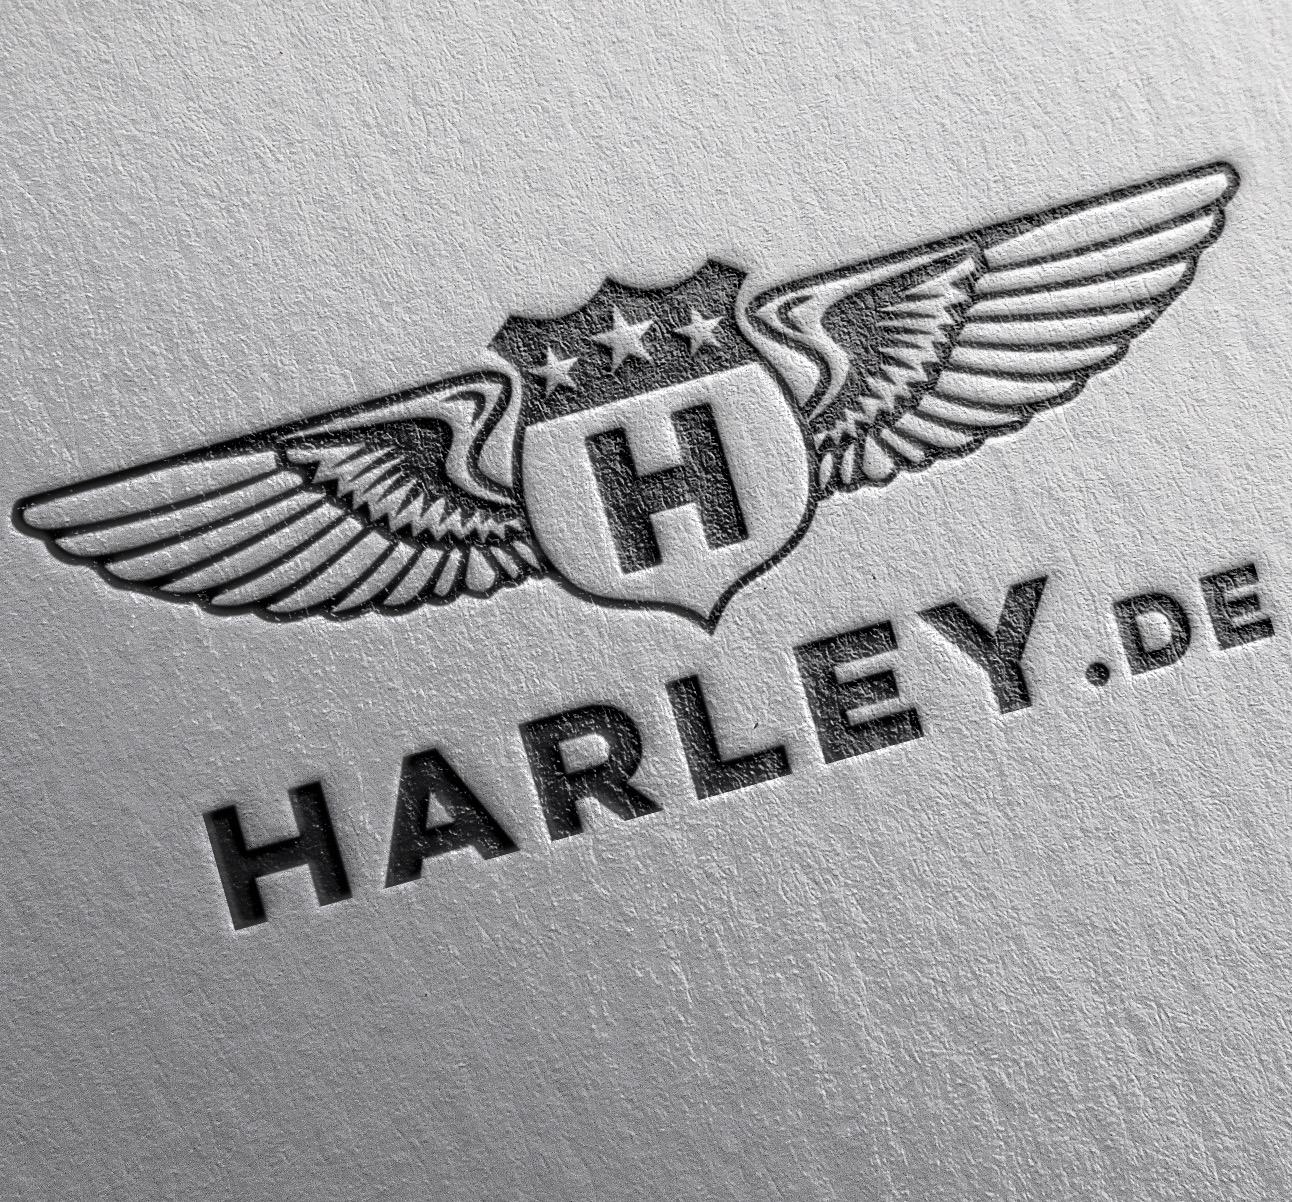 Harley D. Bieder